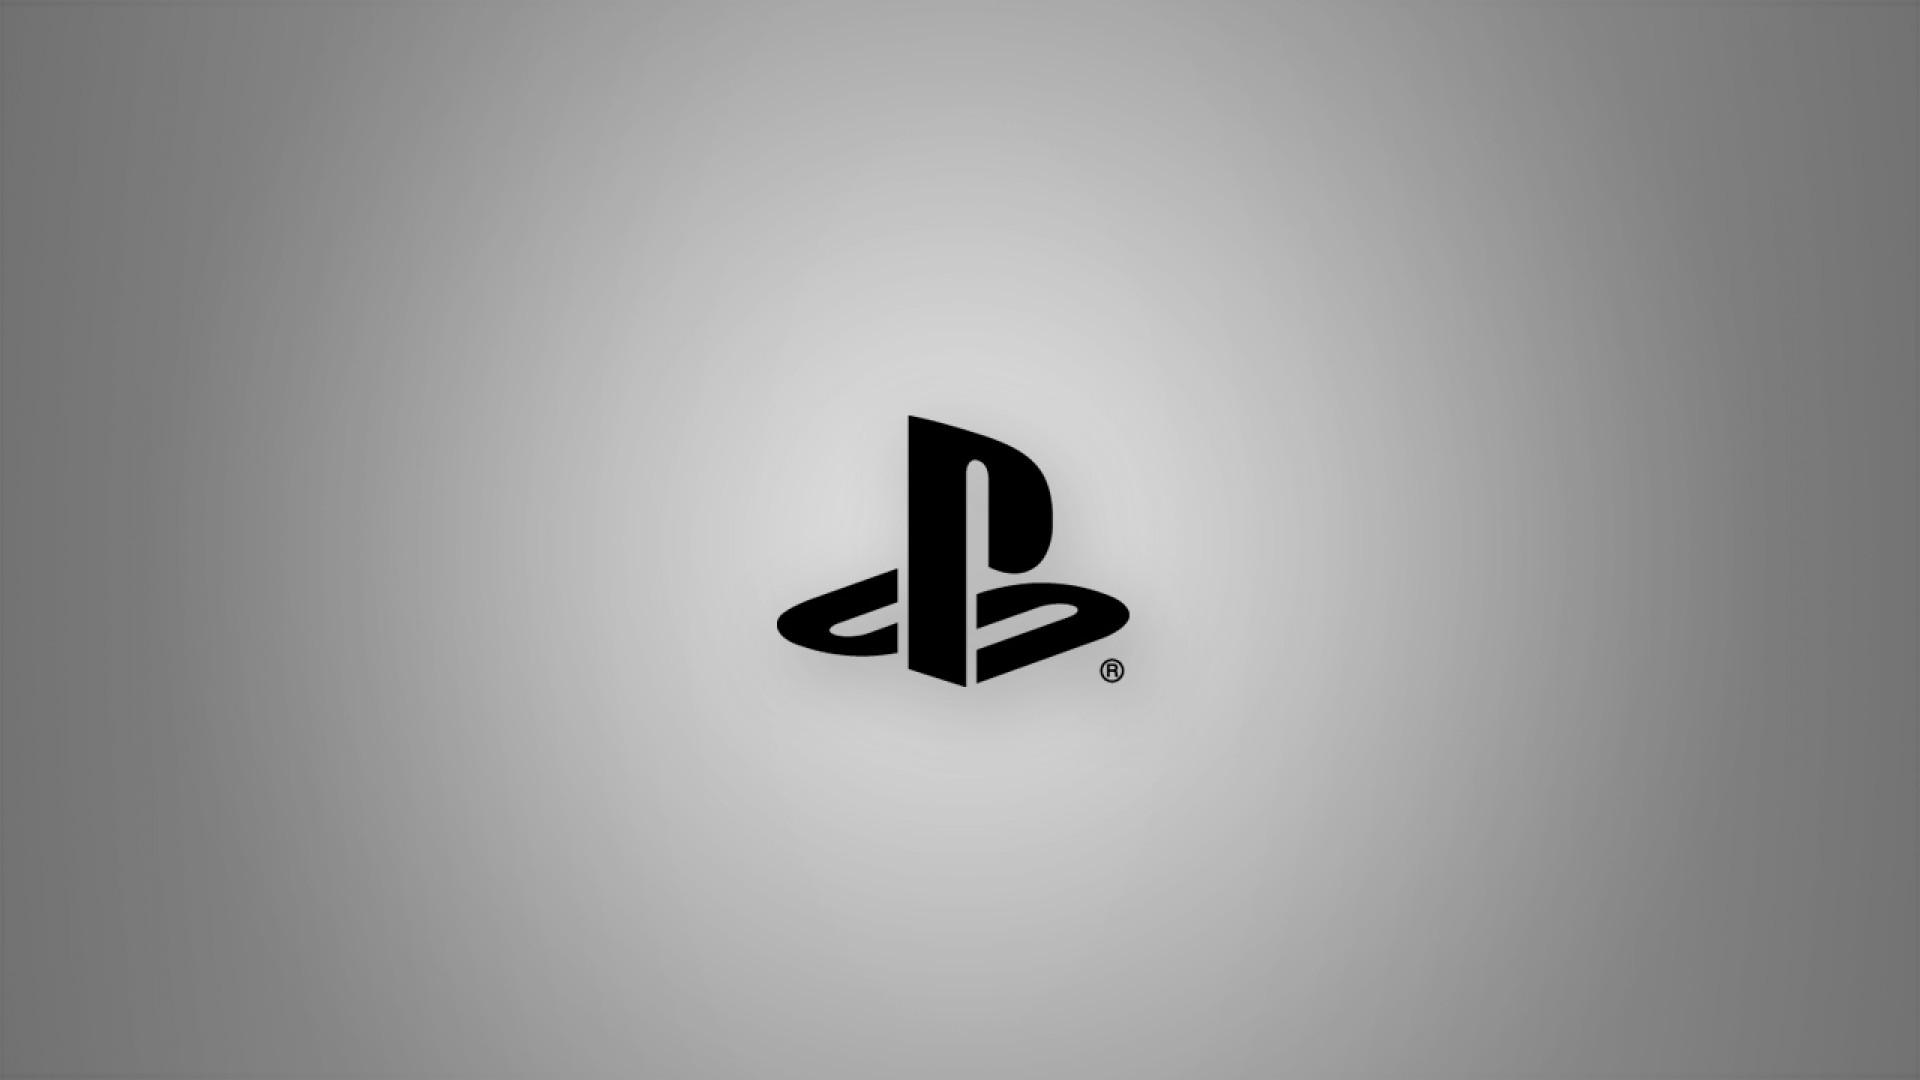 Playstation fonds d 39 cran arri res plan 1920x1080 id for Fond ecran ps3